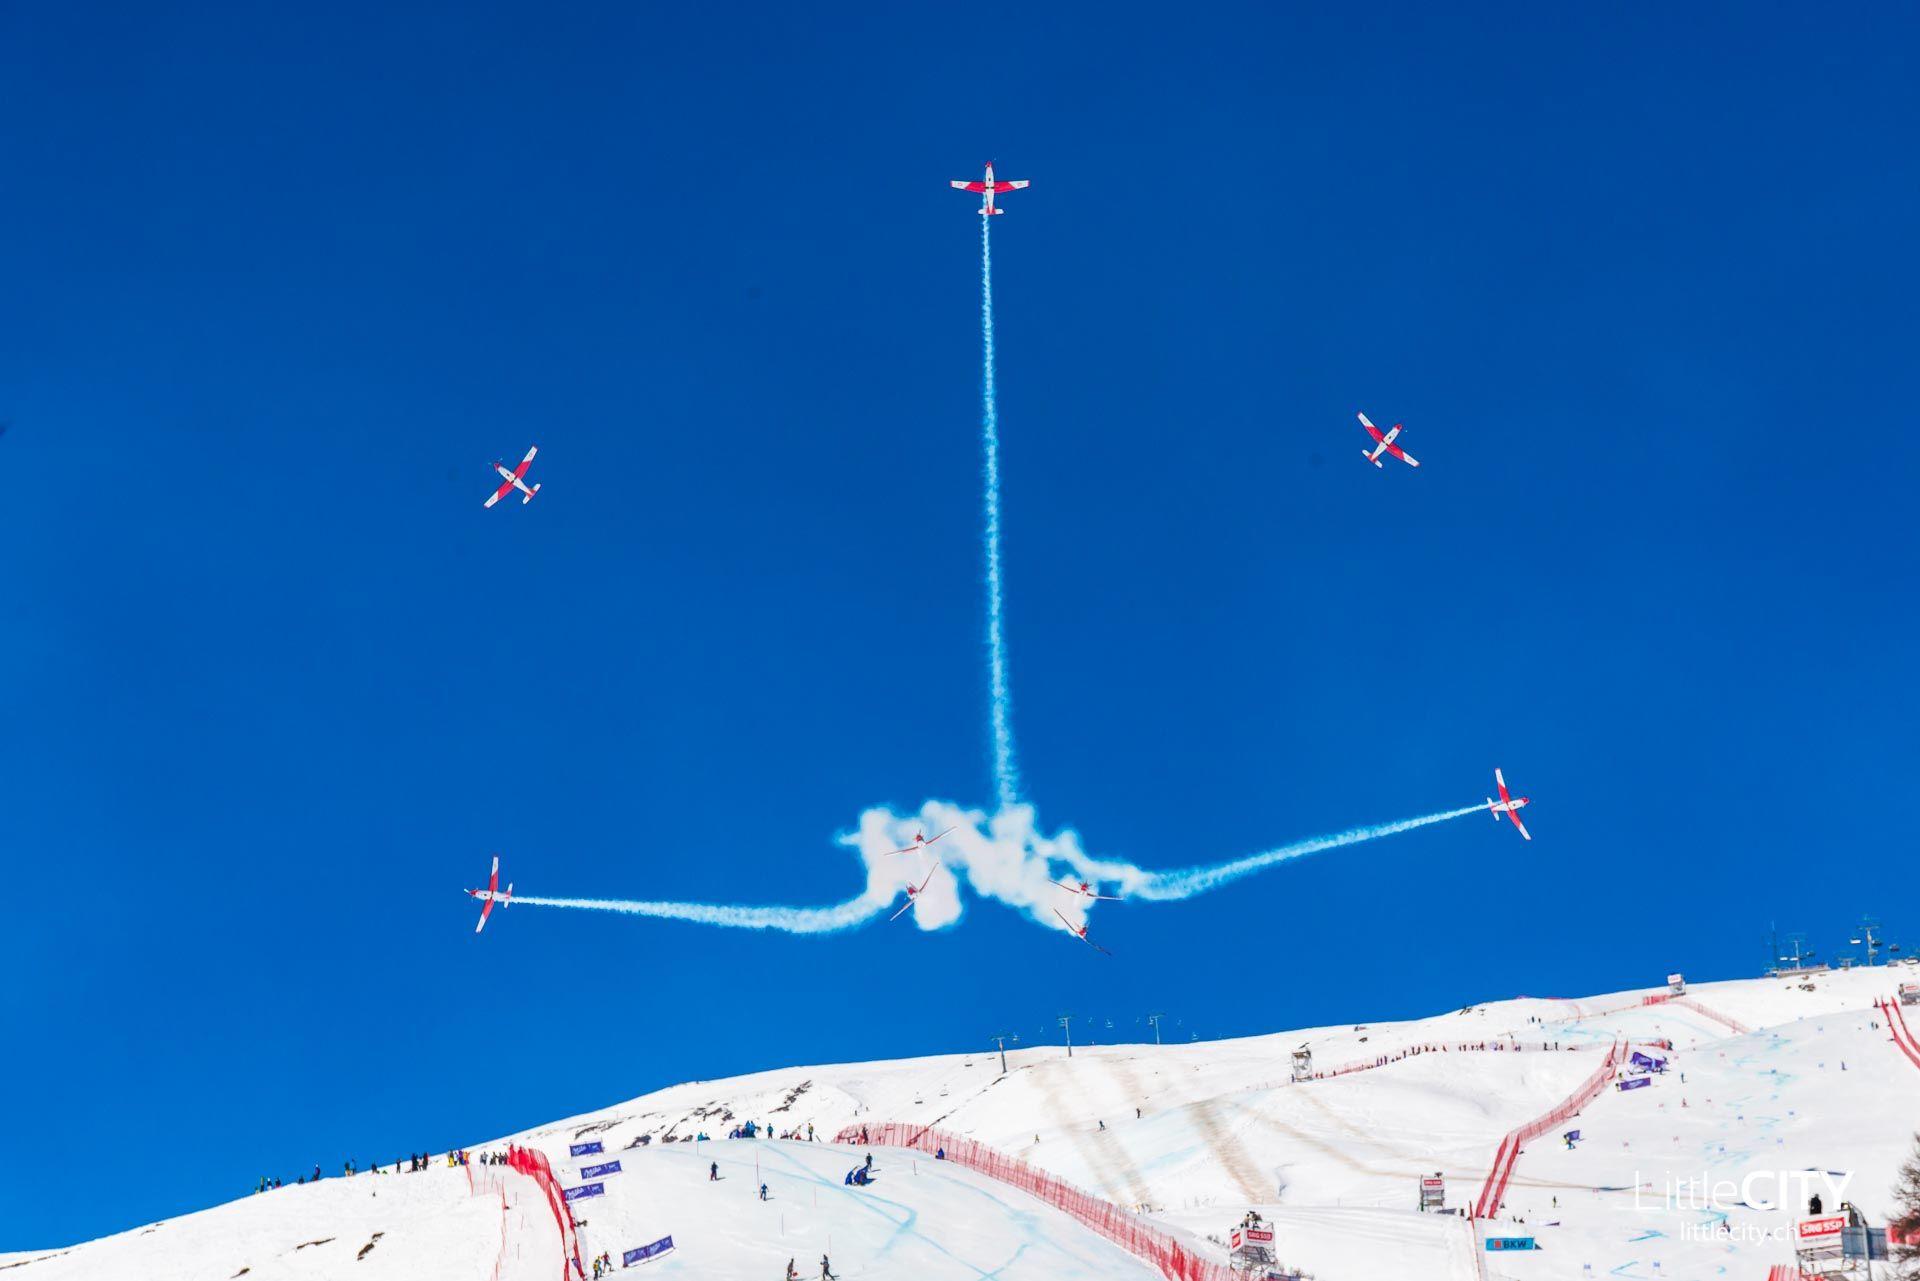 Am FIS SKI Weltcup FInale 2016 in St. Moritz | Lara Gut gewinnt!